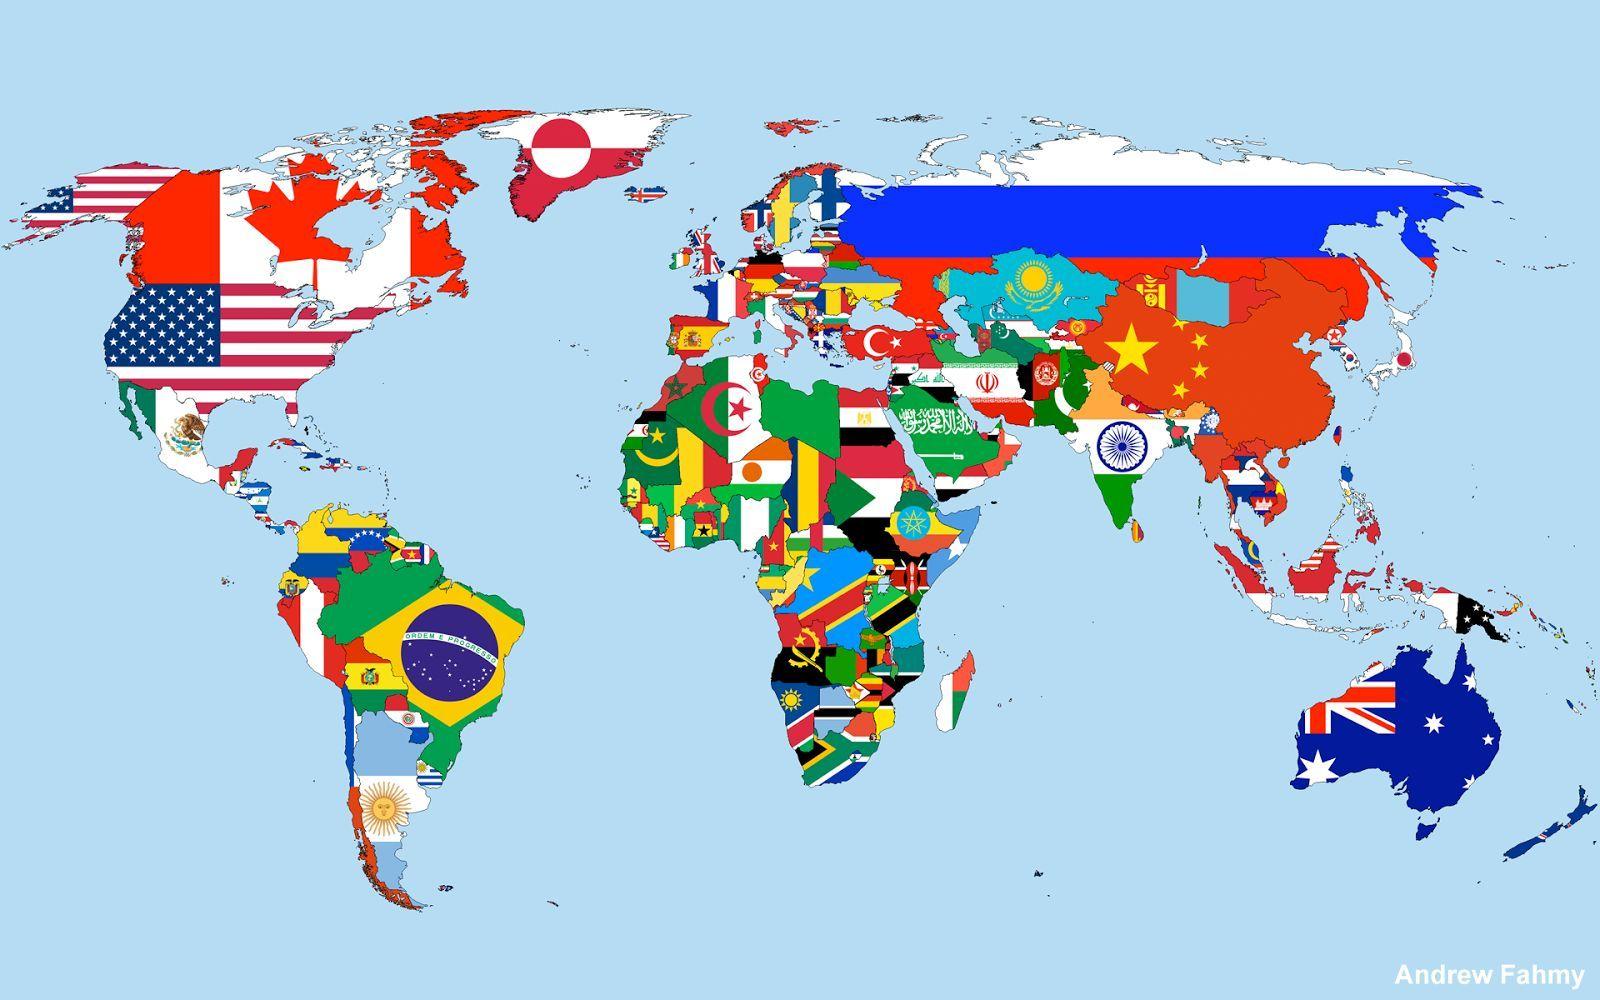 Comment sont réparties les langues dans le monde ? (Vidéo)